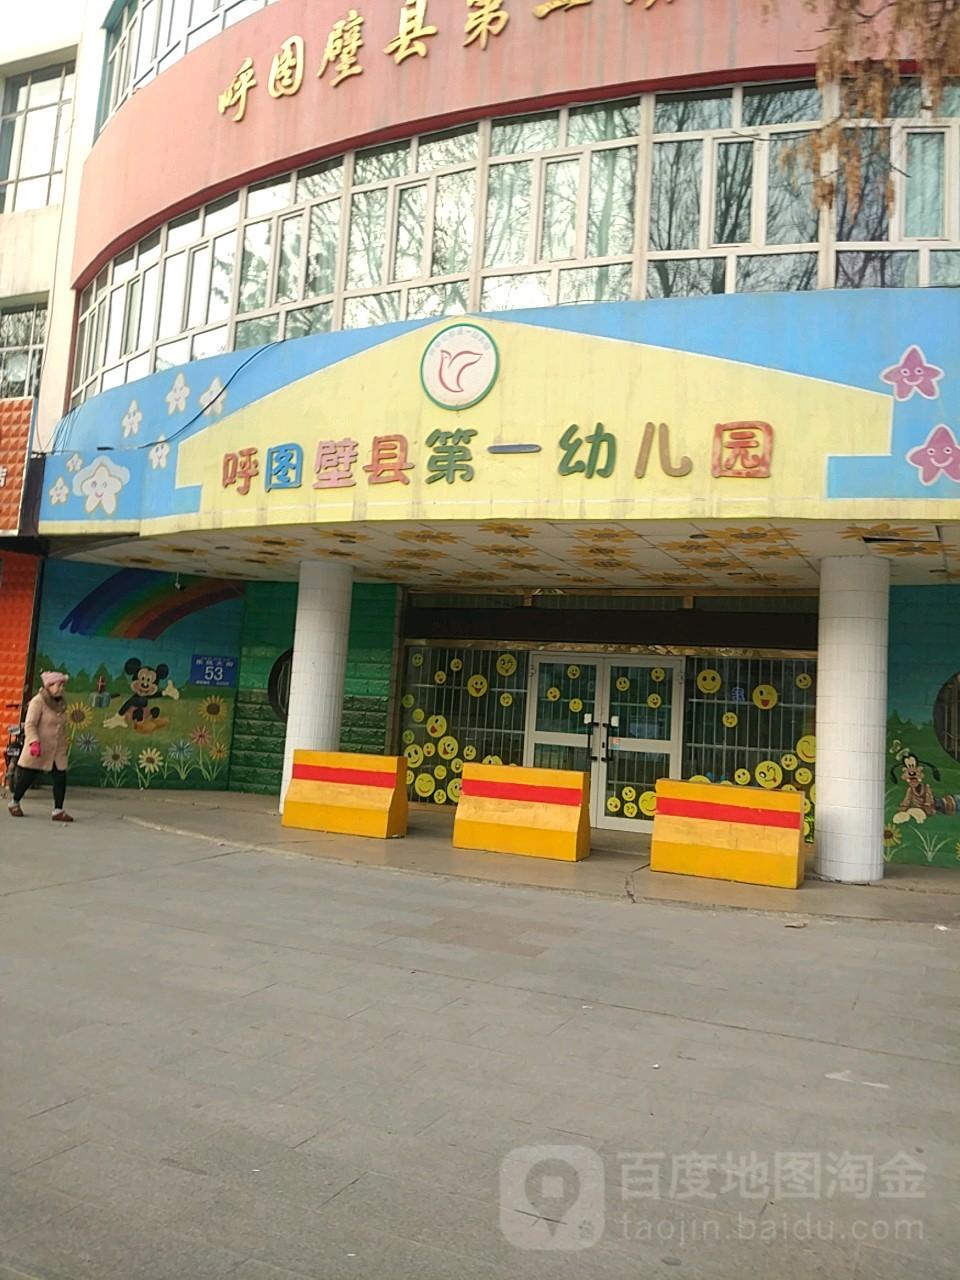 呼图壁县第一幼儿园